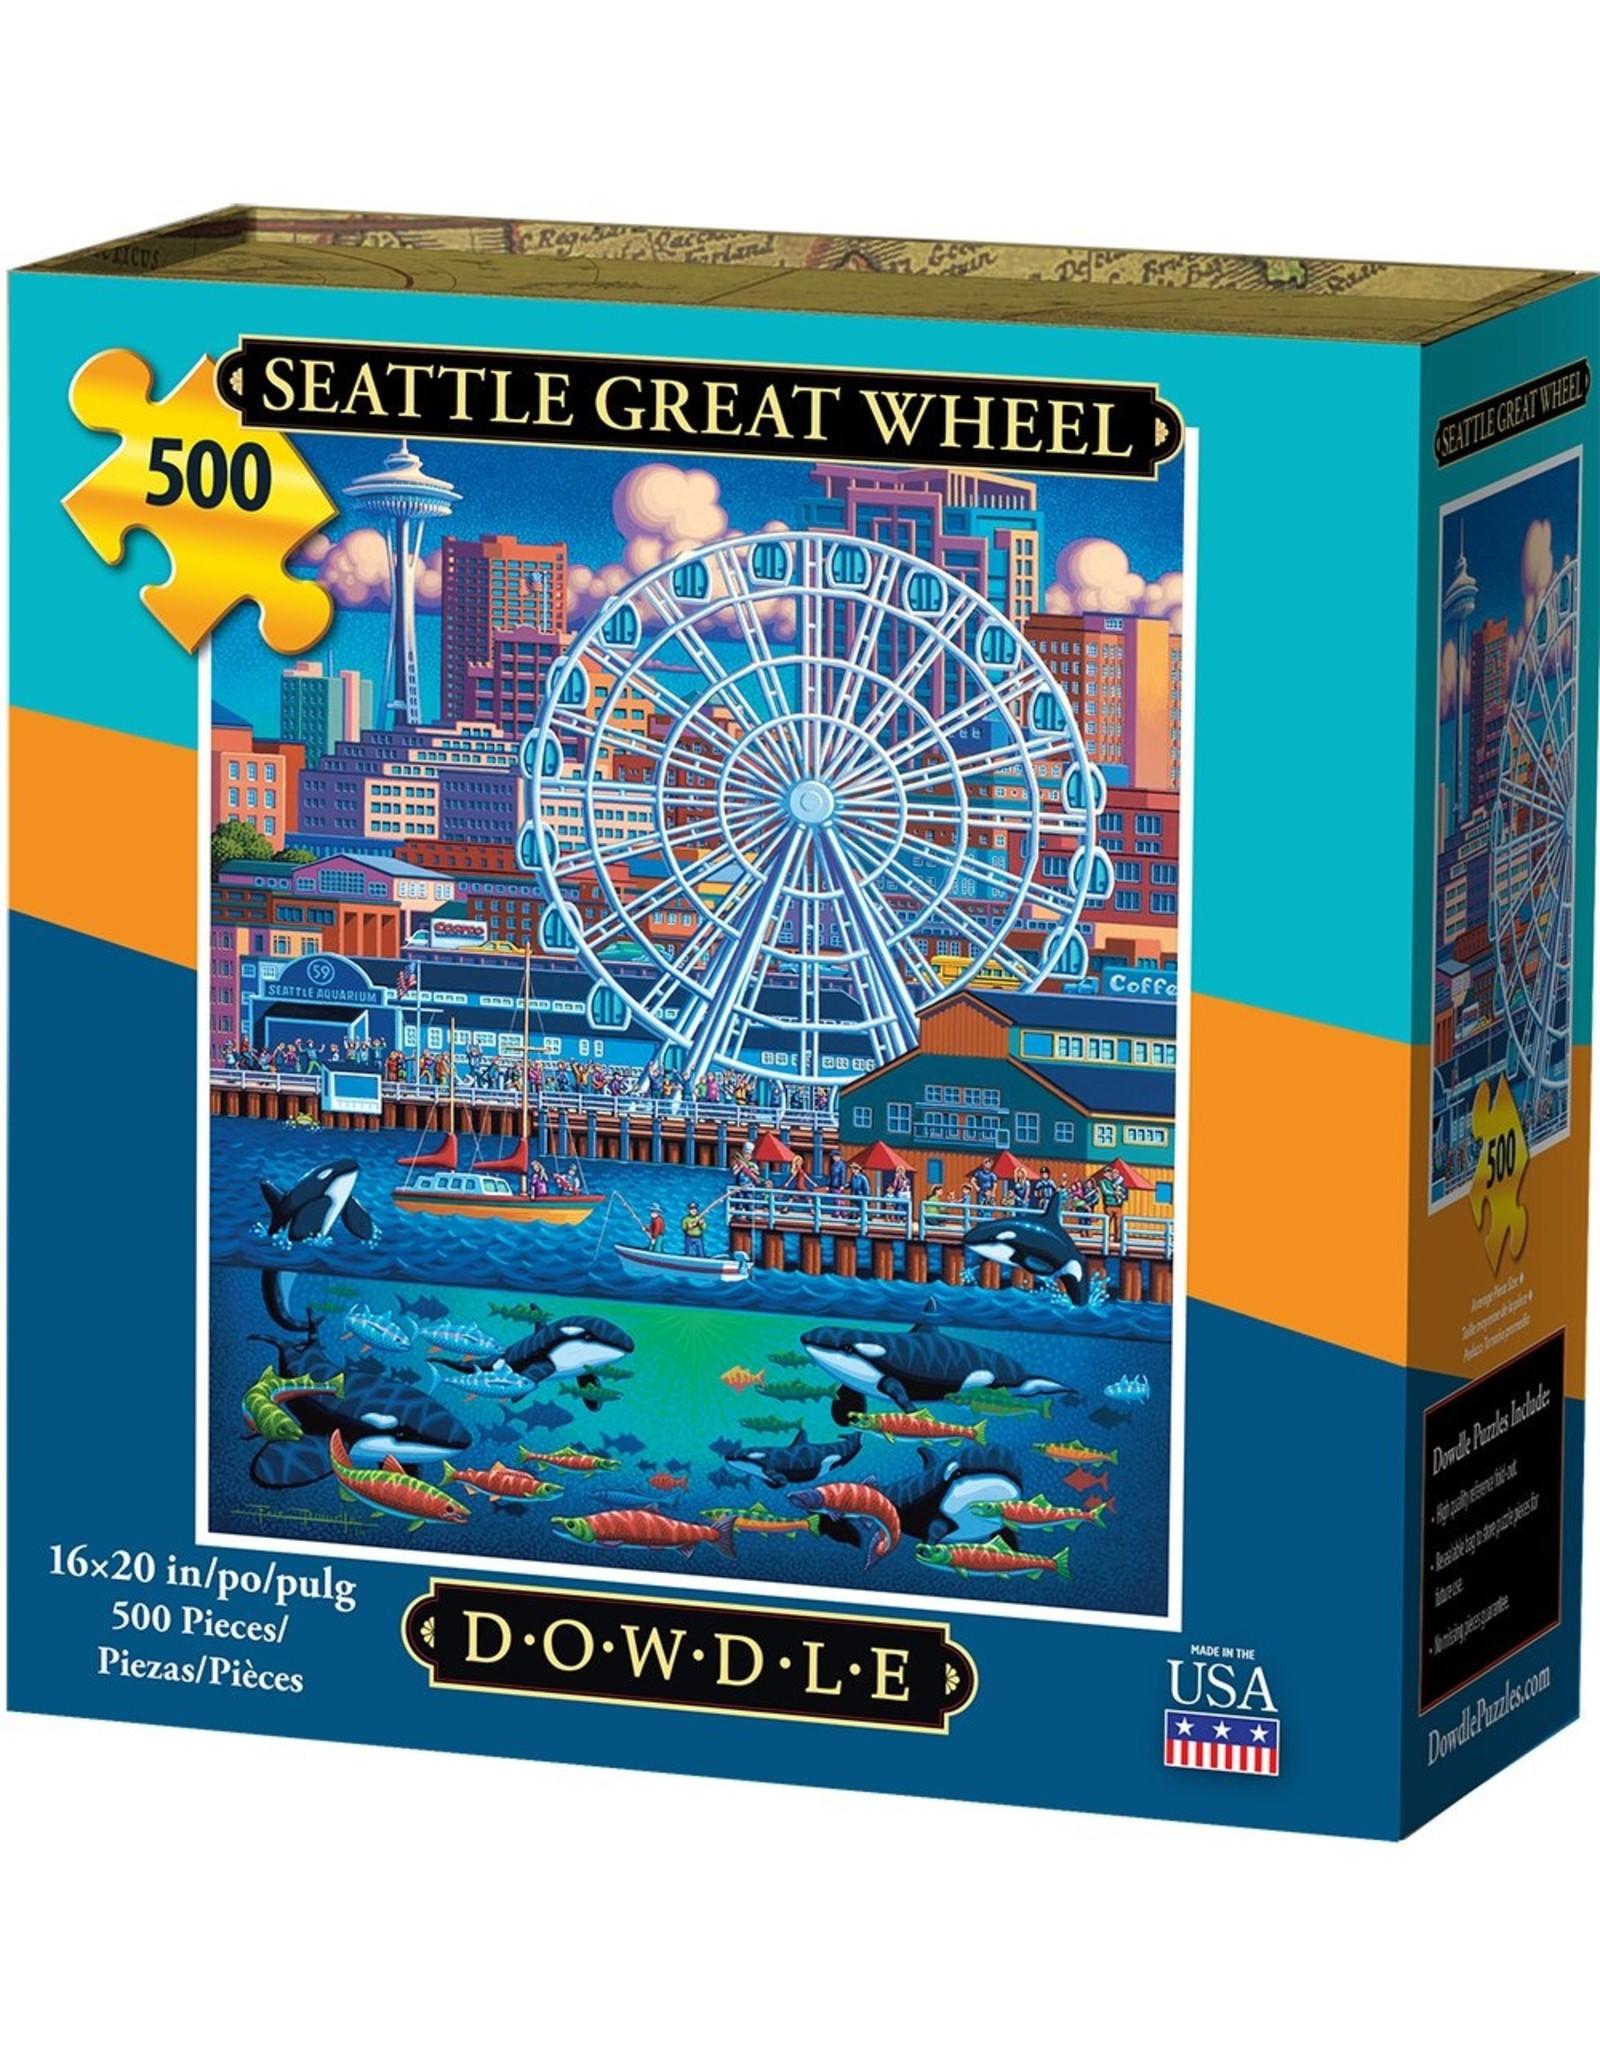 Dowdle Folkart Seattle Great Wheel 500pc